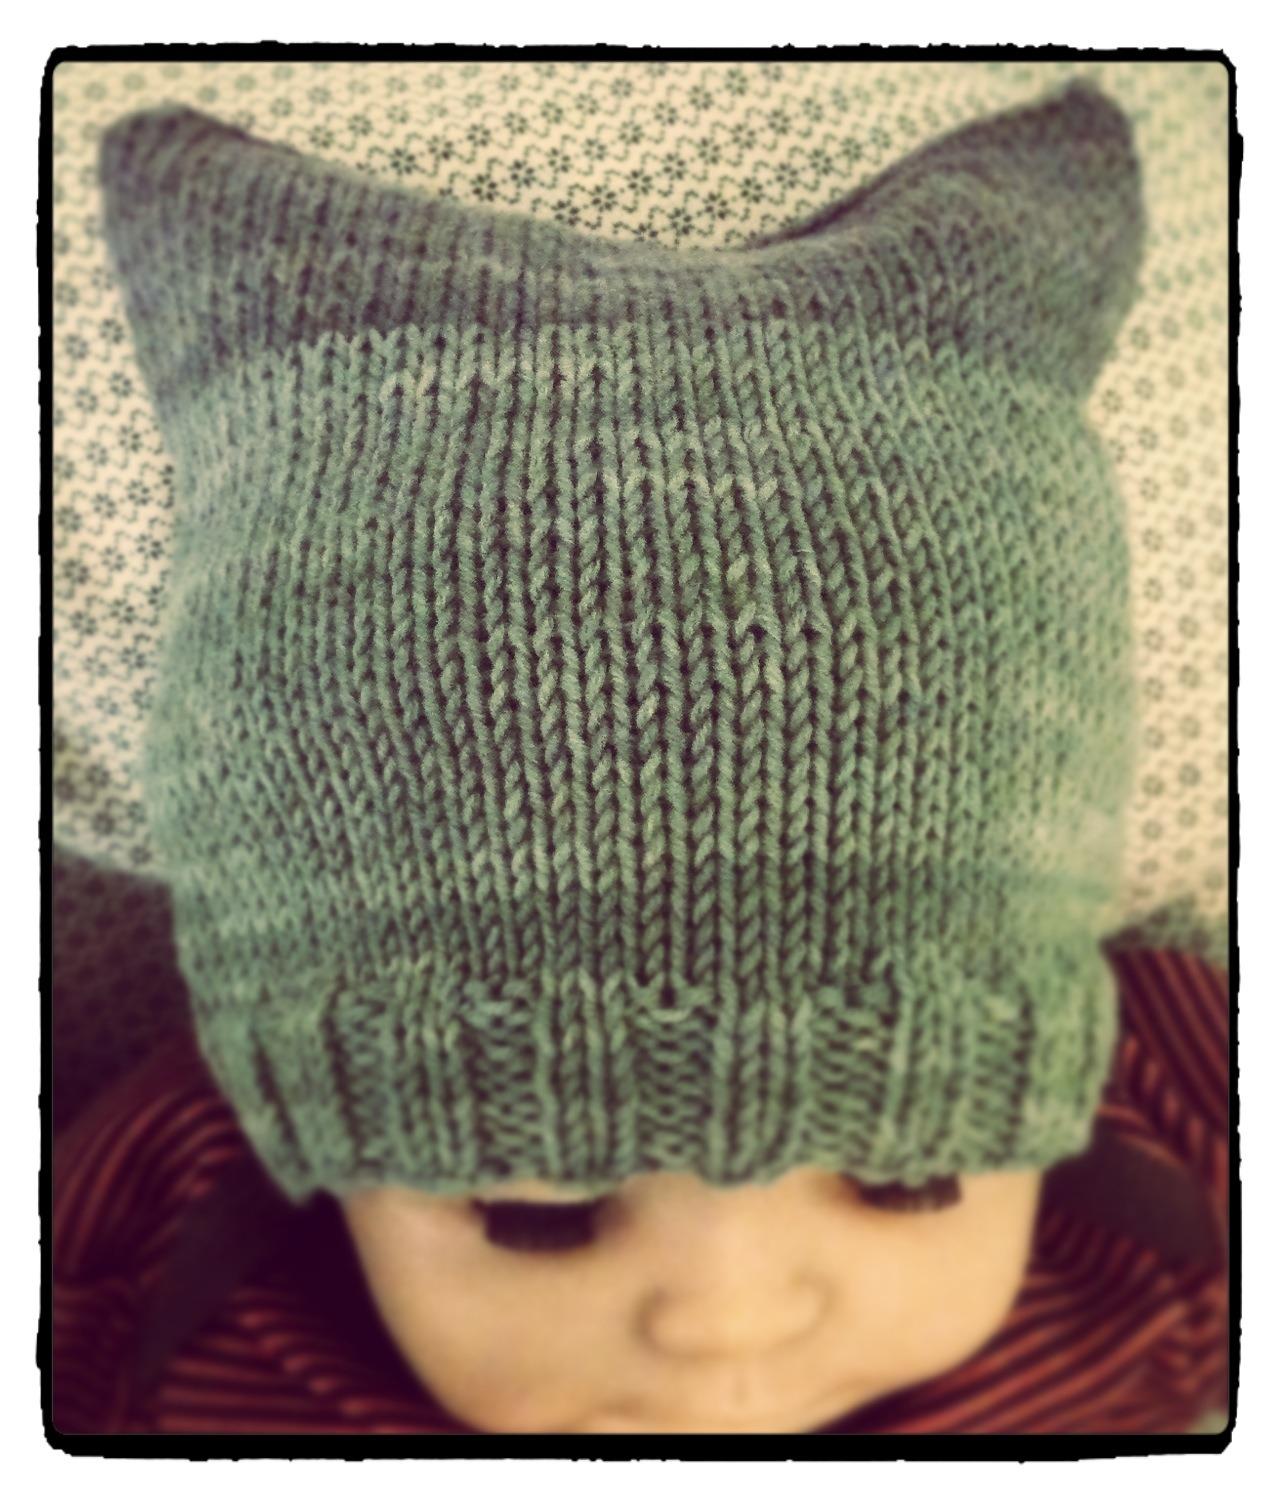 c2e53ebe4758 beautiful comment tricoter des oreilles sur un bonnet with comment tricoter  des oreilles sur un bonnet